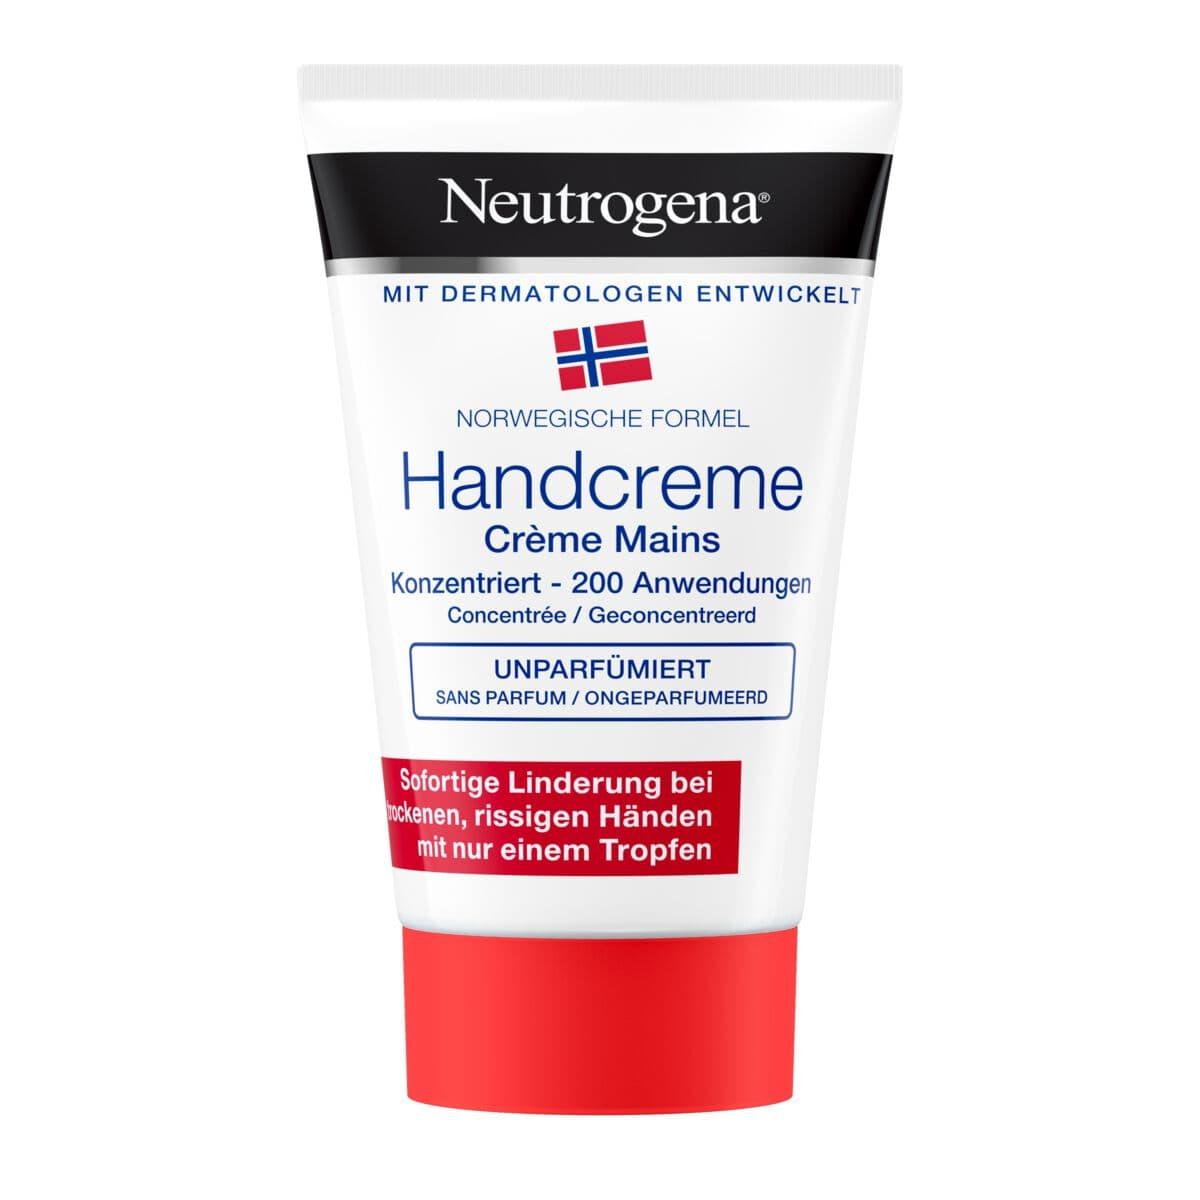 Crème pour les mains Neutrogena sans parfum